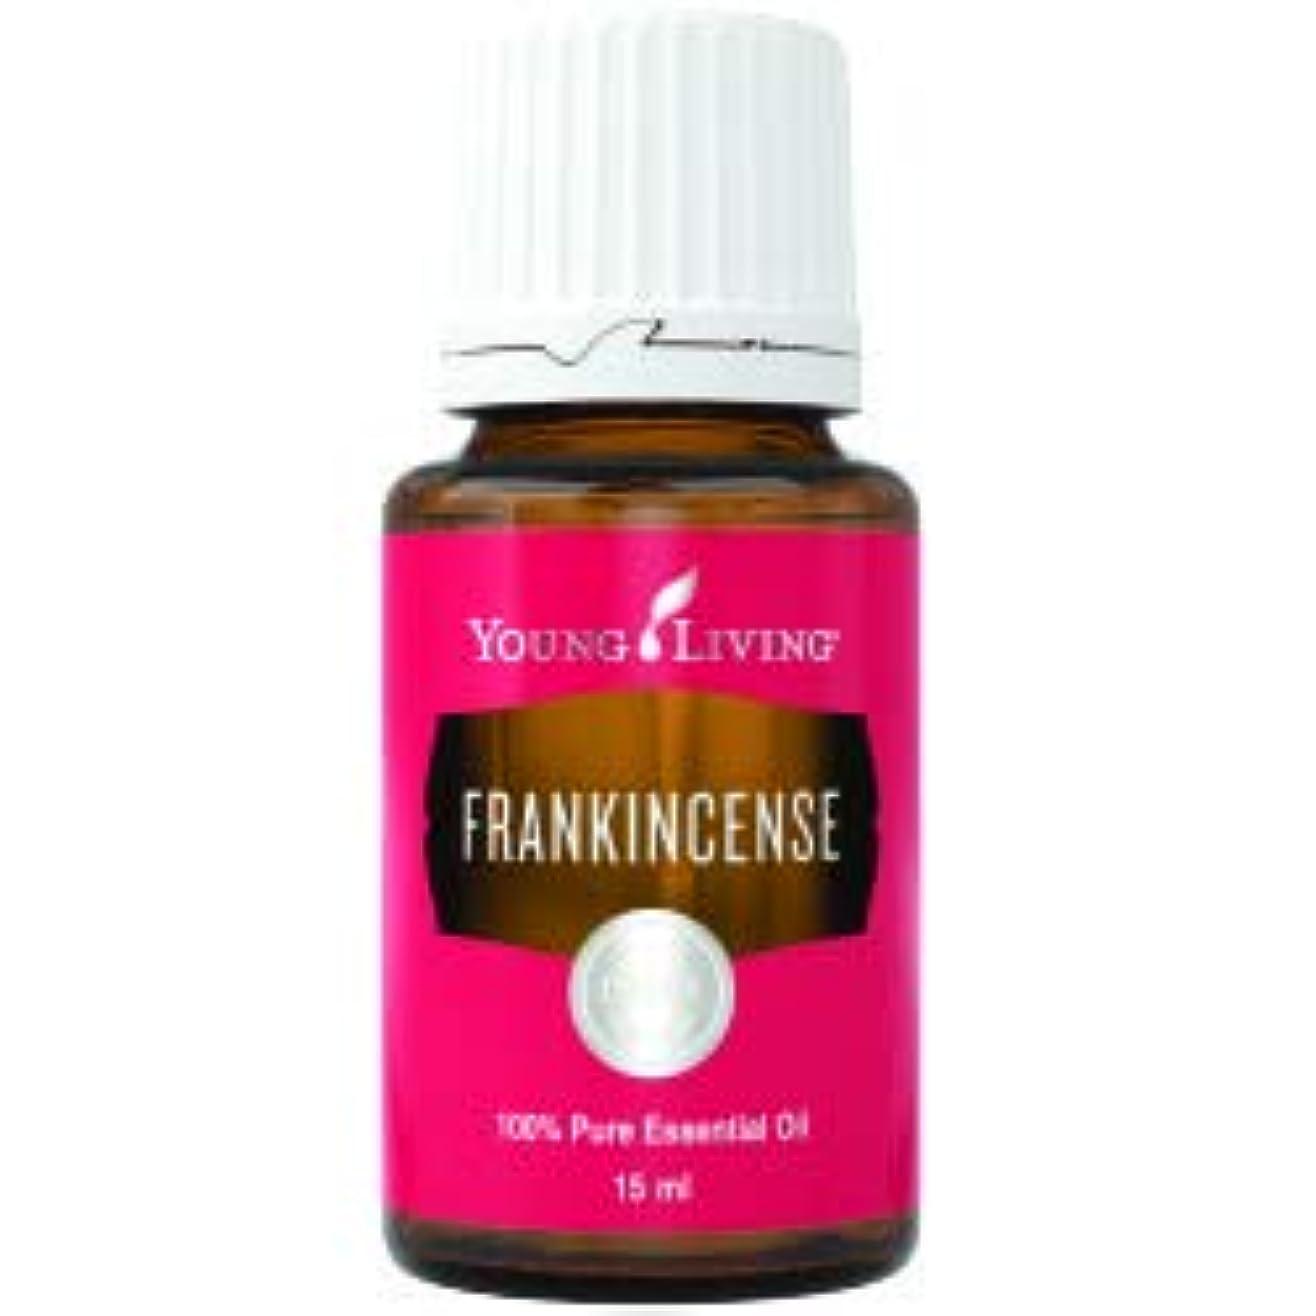 粘り強い帰するではごきげんようフランキンセンスエッセンシャルオイル ヤングリビングエッセンシャルオイルマレーシア15ml Frankincense Essential Oil 15ml by Young Living Essential Oil Malaysia